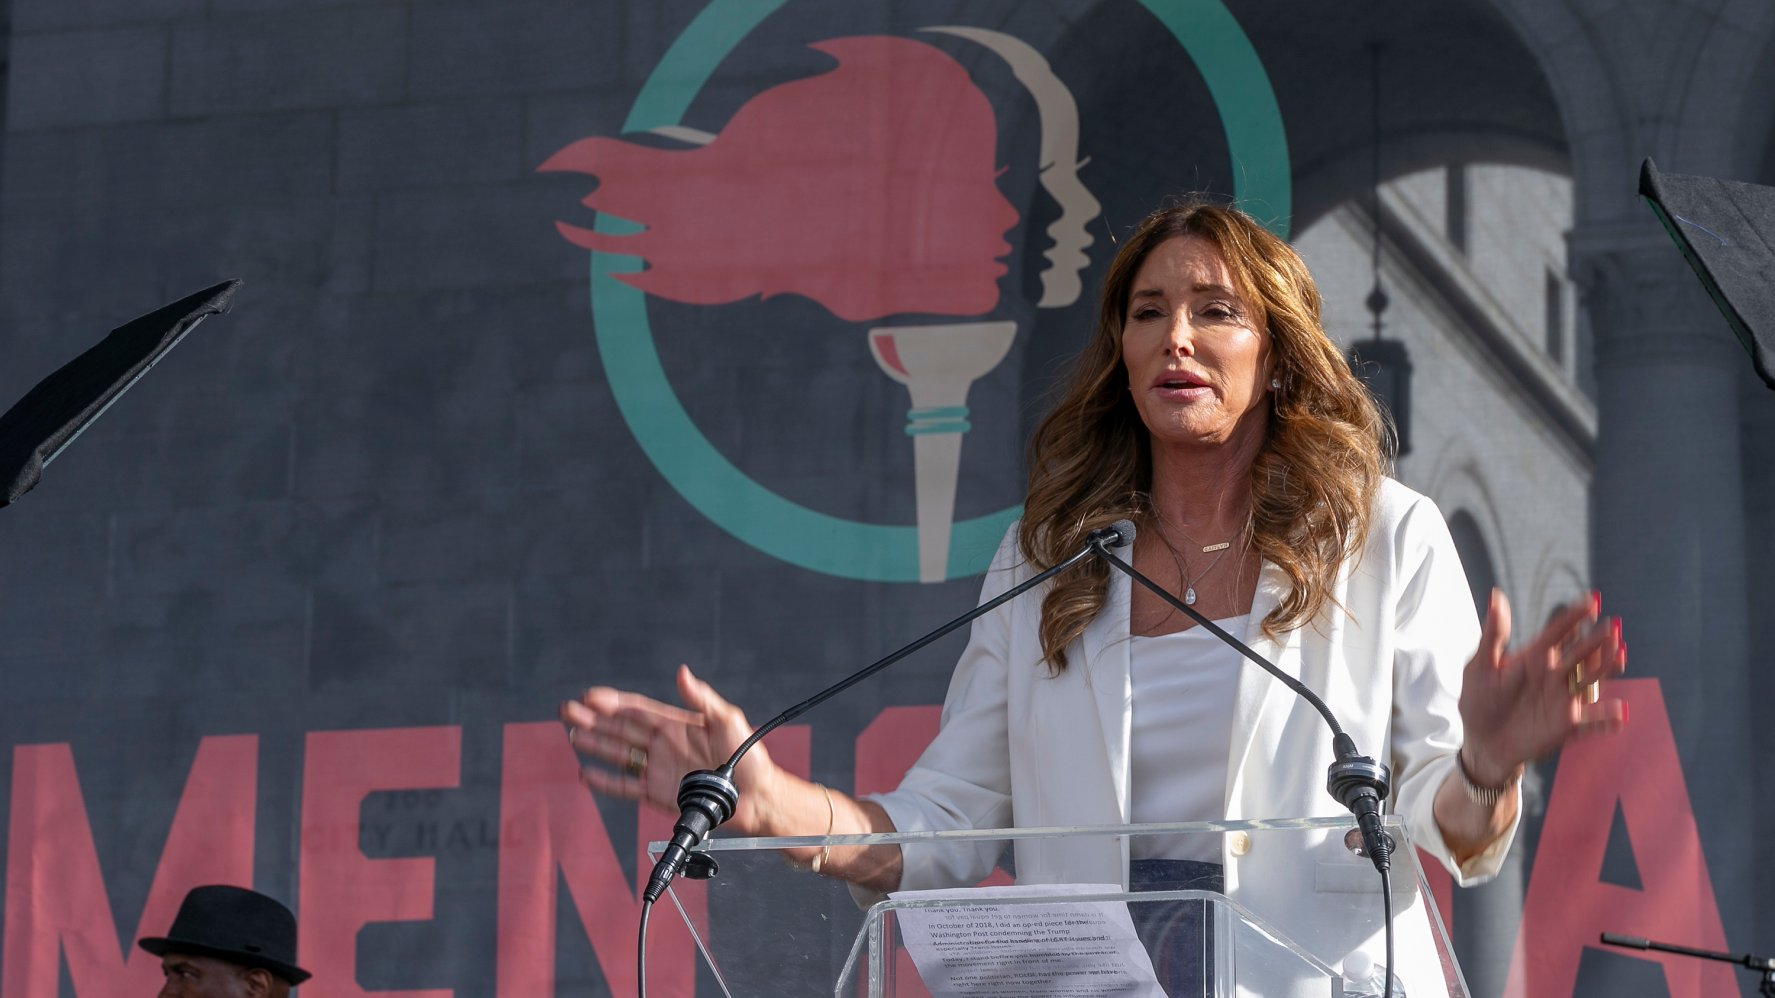 Jenner Says Transgender Girls in Women's Sports Is 'Unfair'